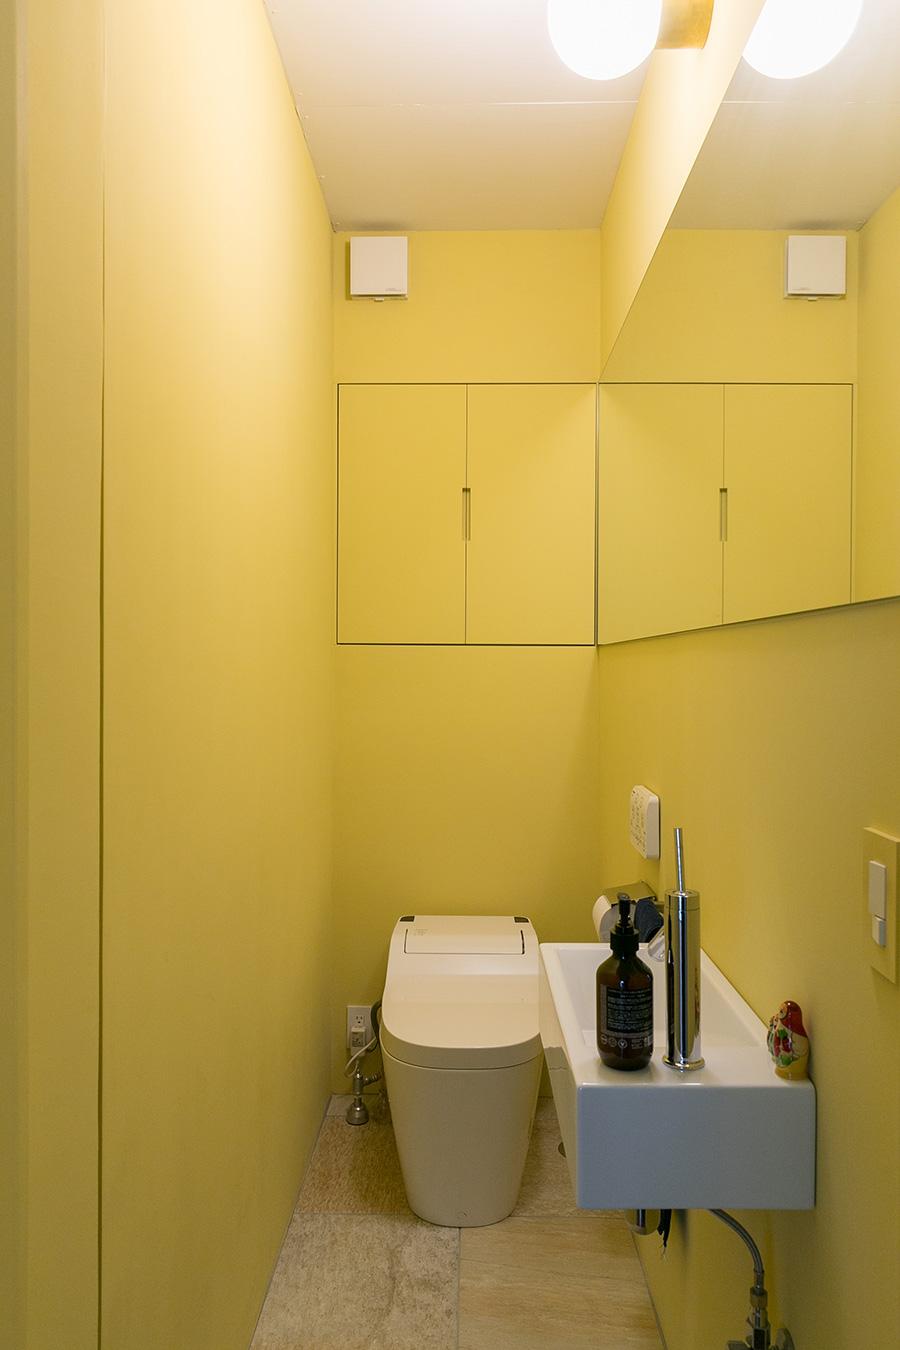 トイレと洗面所の床は、石のように見えるタイルを張った。